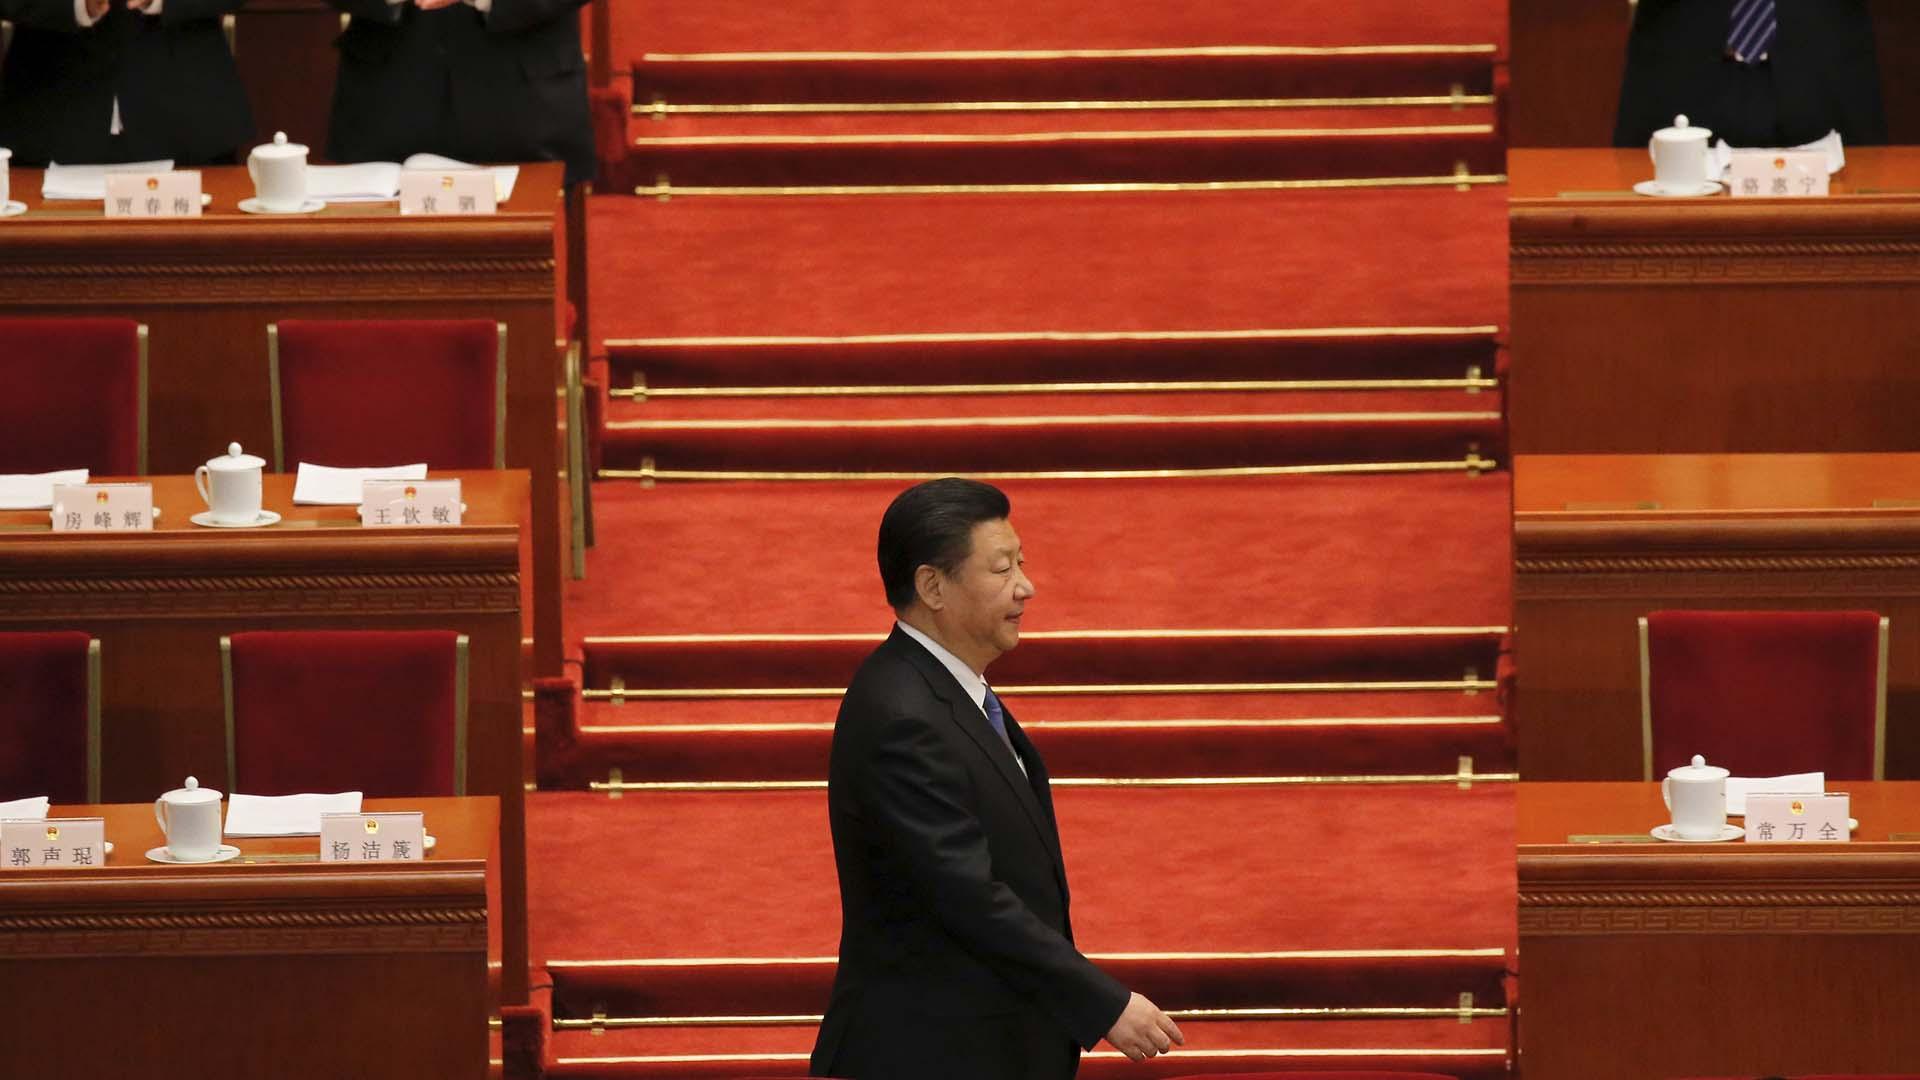 La misiva fue publicada en un portal web el pasado 4 de marzo por miembros leales del Partido Comunista